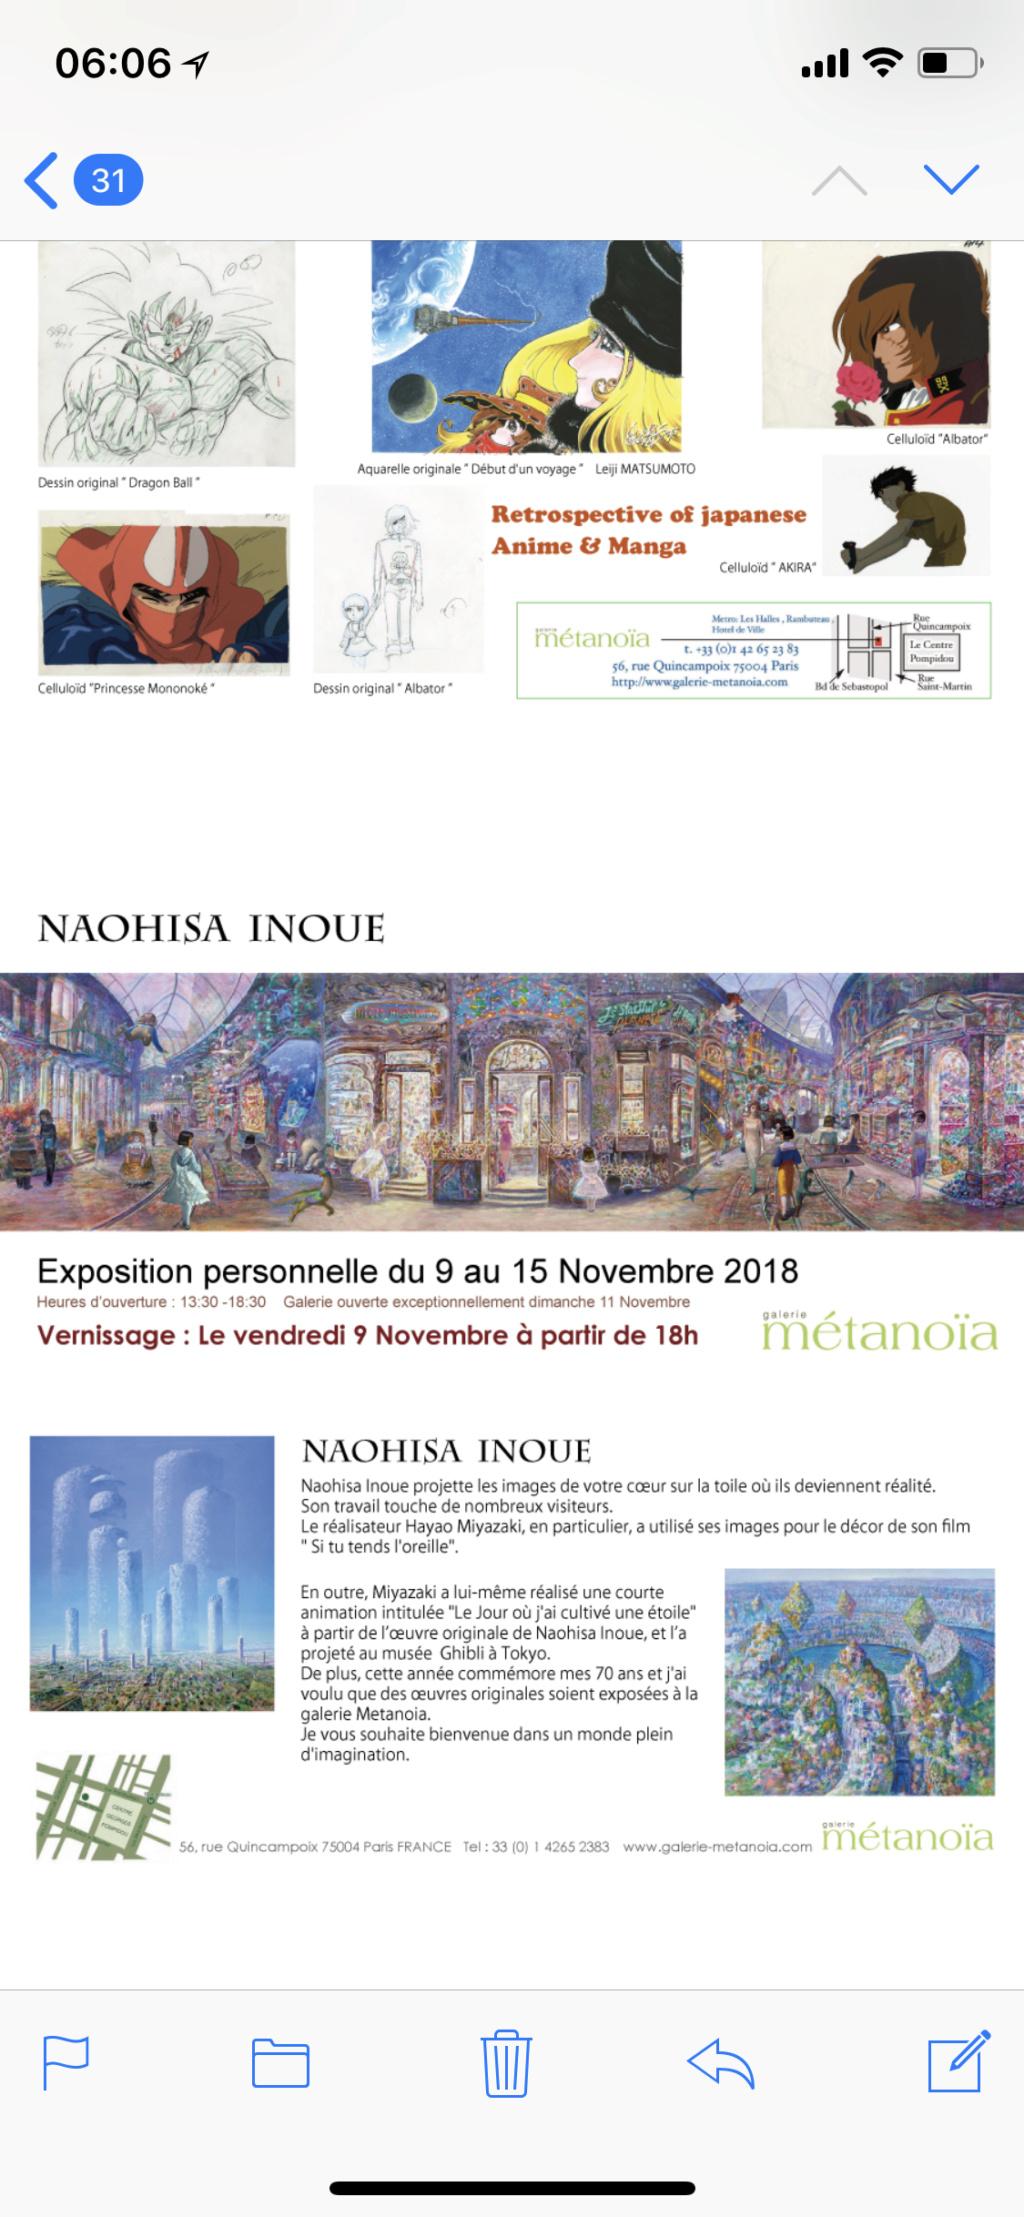 Expo vente Anime et manga 2-8 nov. Naohisa Inoue 9-15 nov galerie métanoia Img_2314